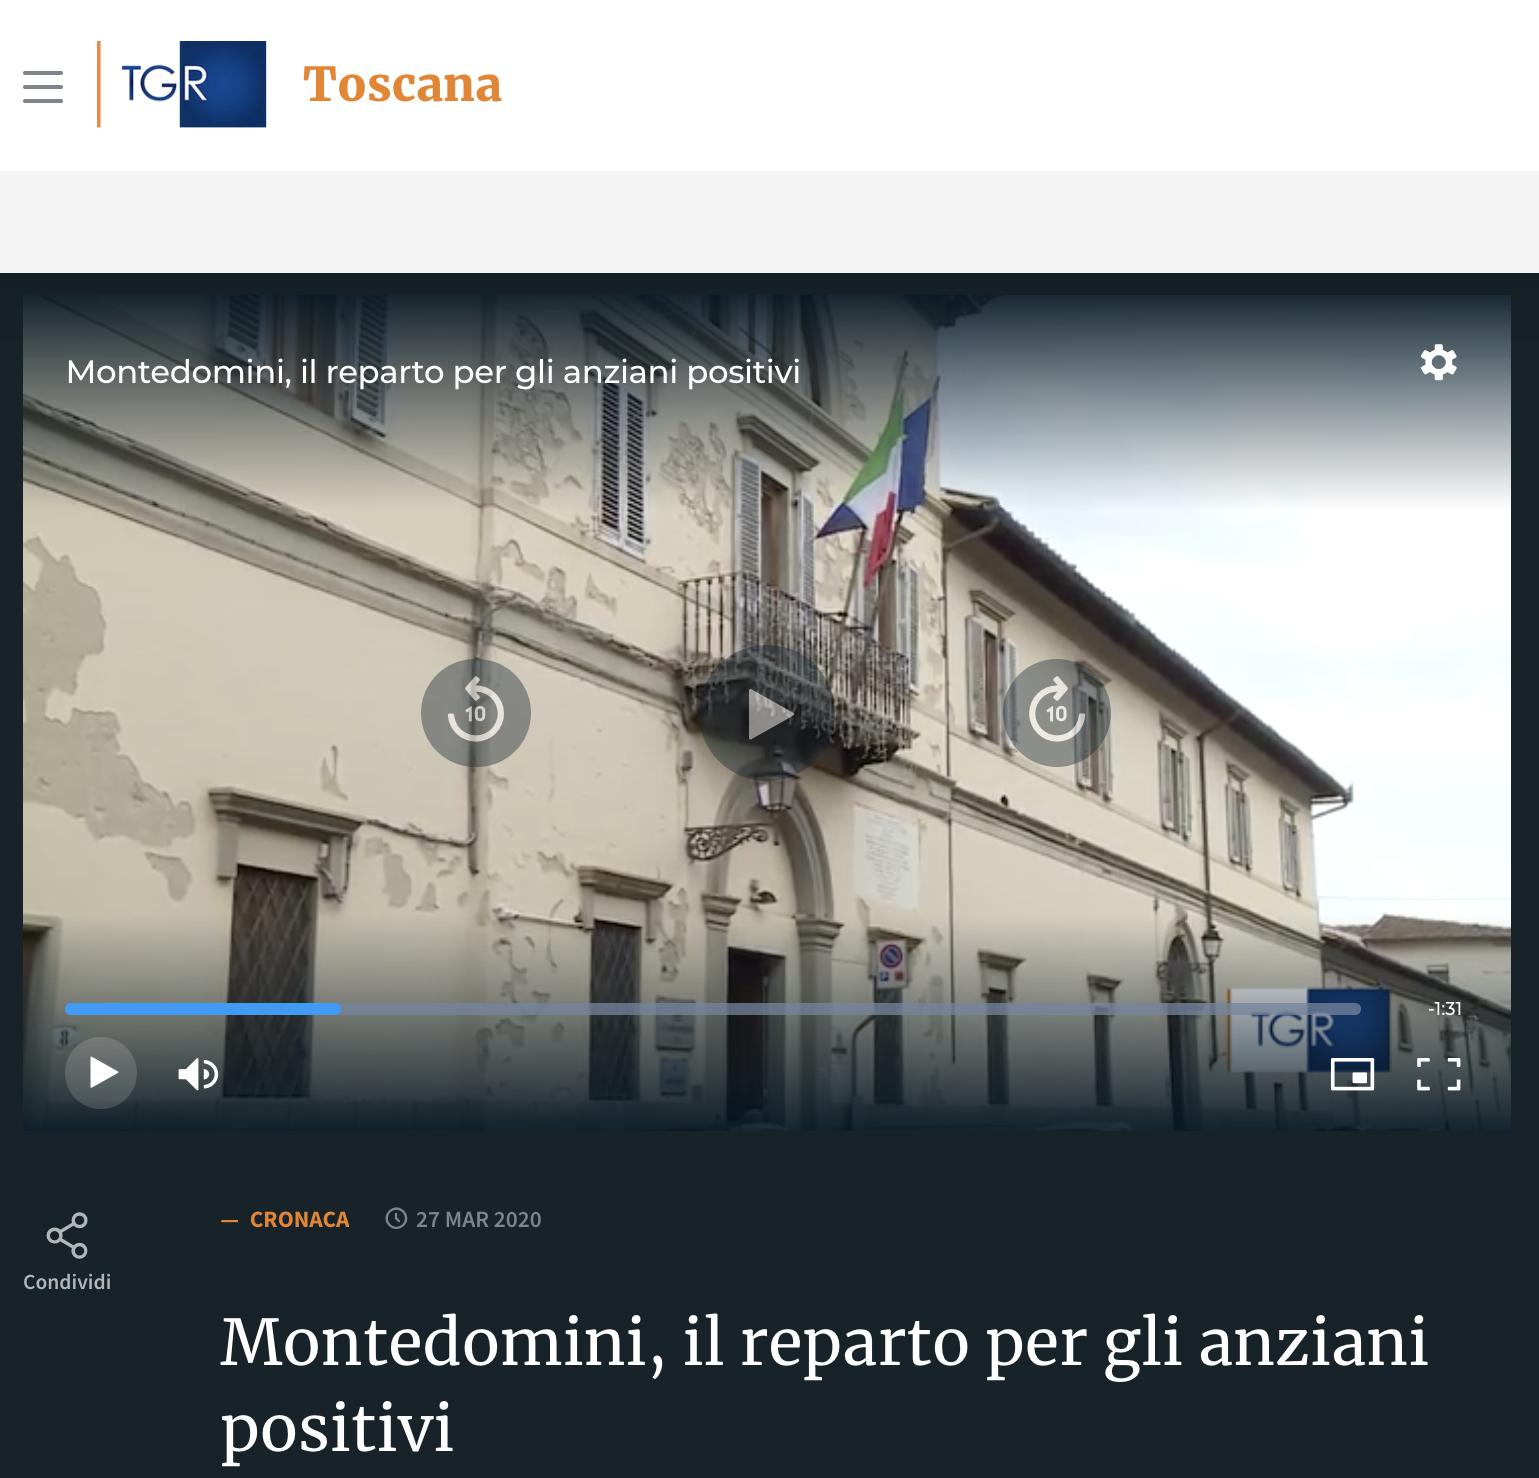 Montedomini, il reparto per gli anziani positivi_27 03 2020.png